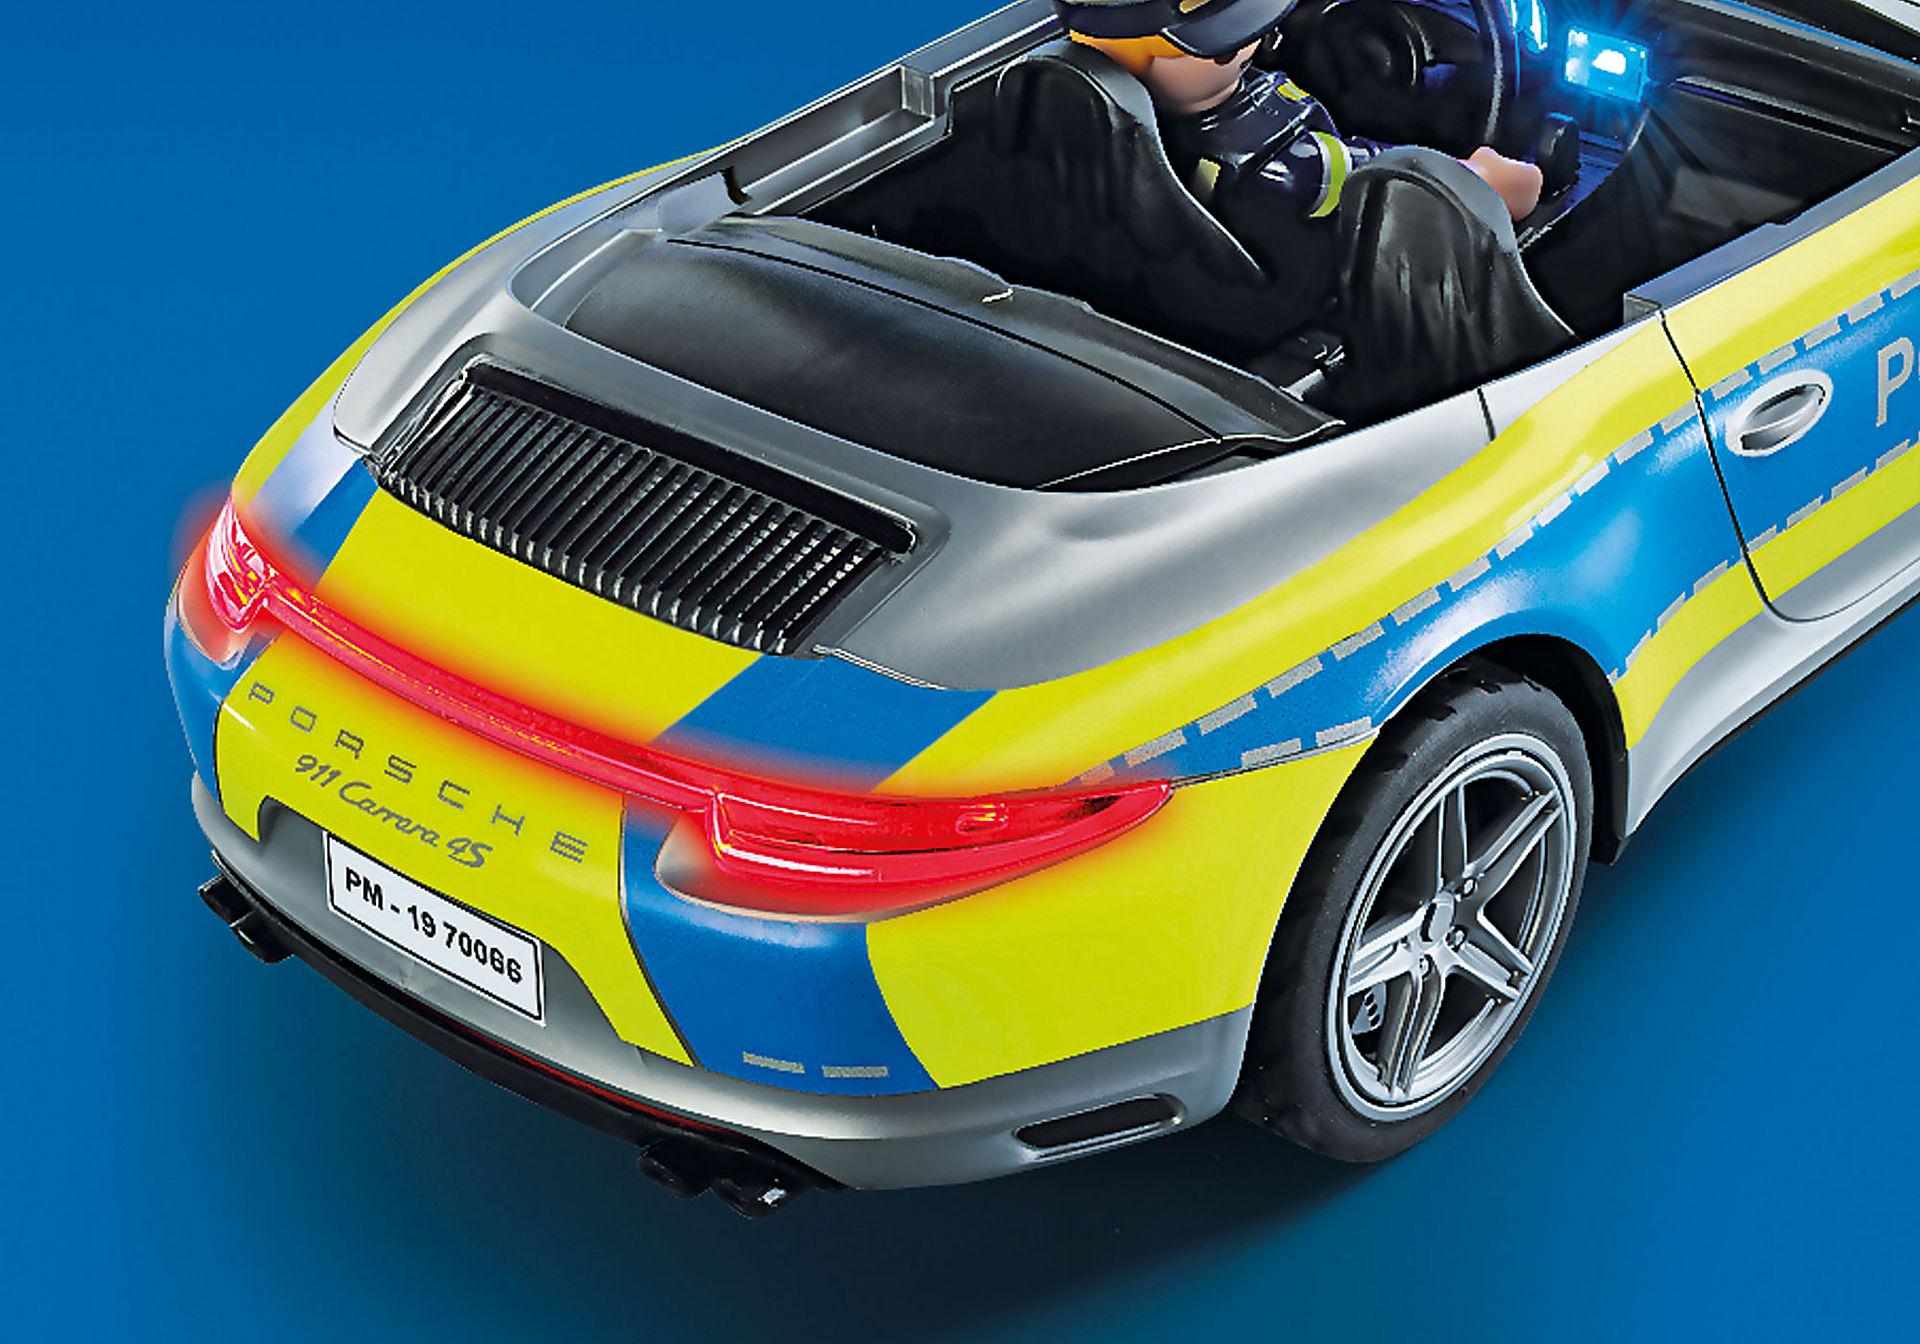 70066 Porsche 911 Carrera 4S Politi zoom image6